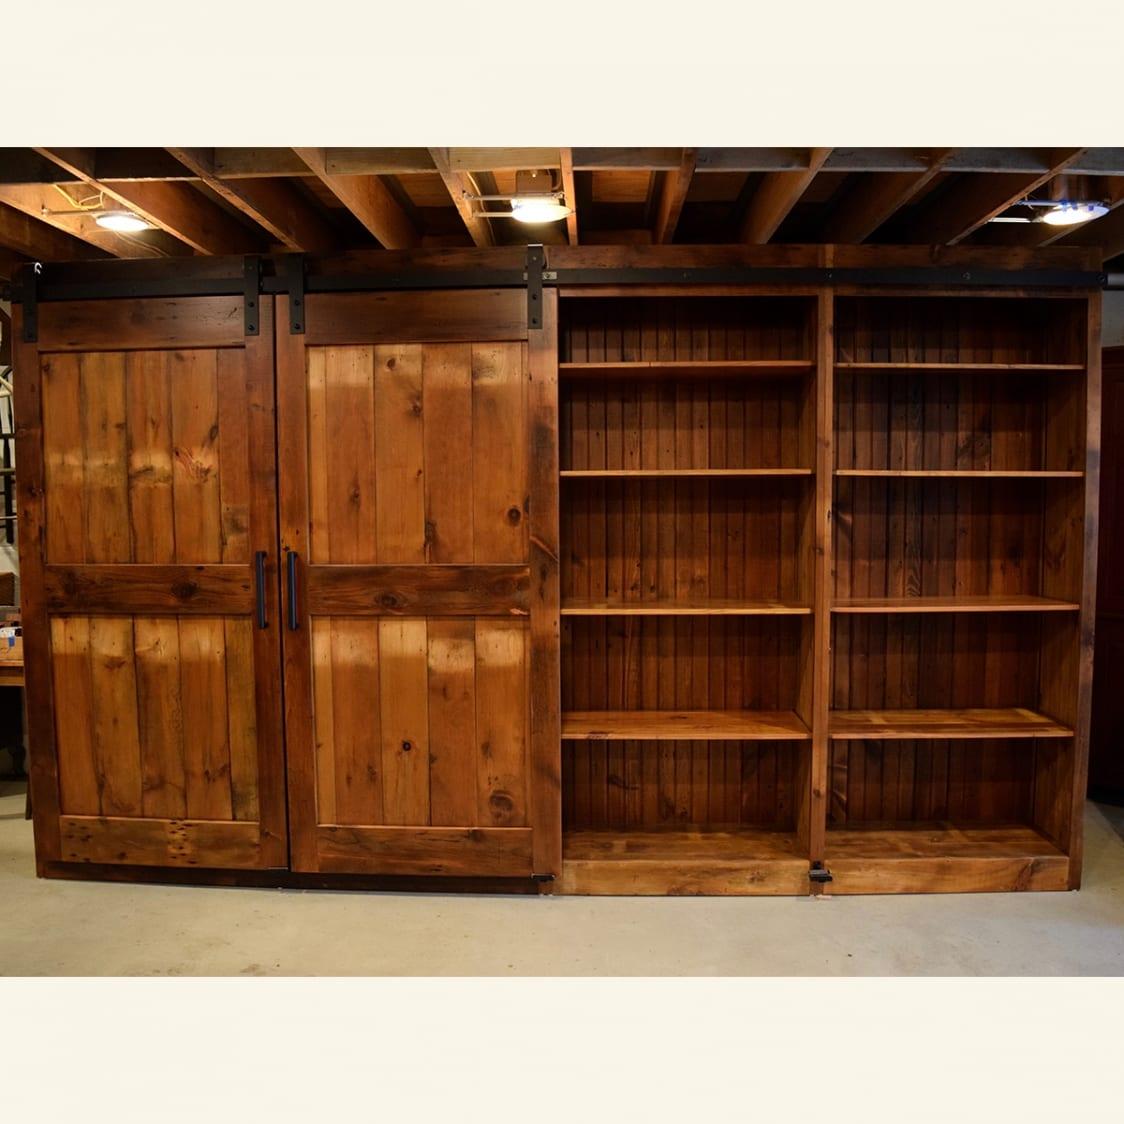 Sliding Barn Door Cabinets